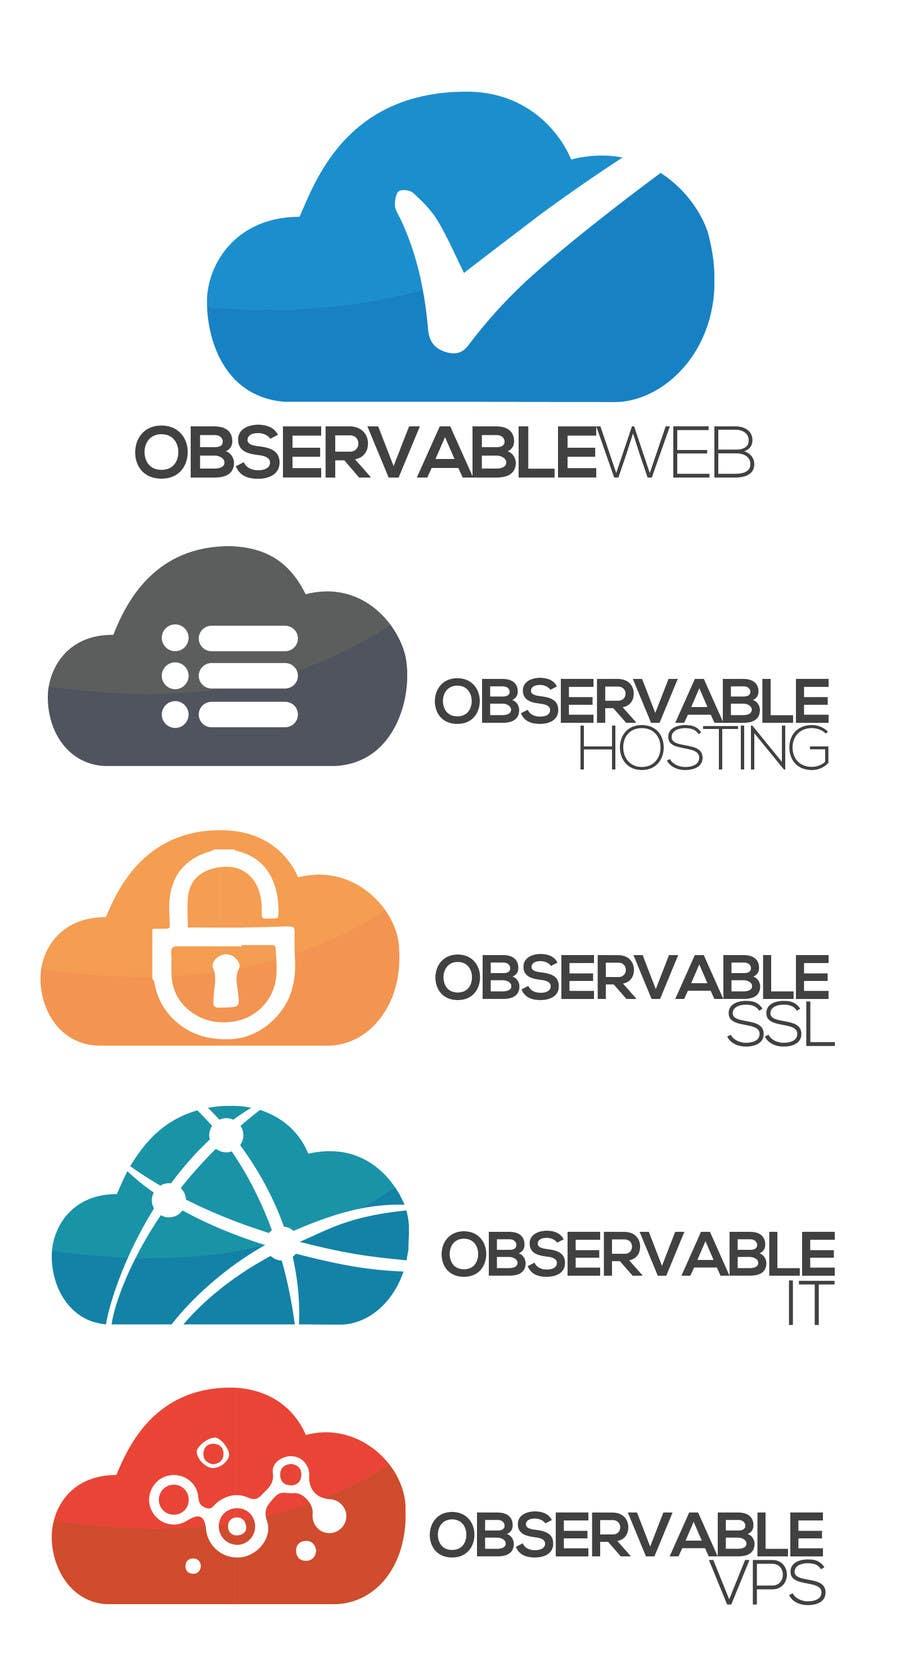 Konkurrenceindlæg #                                        151                                      for                                         Design a Logo for Web hosting Business/IT/SSL/VPS